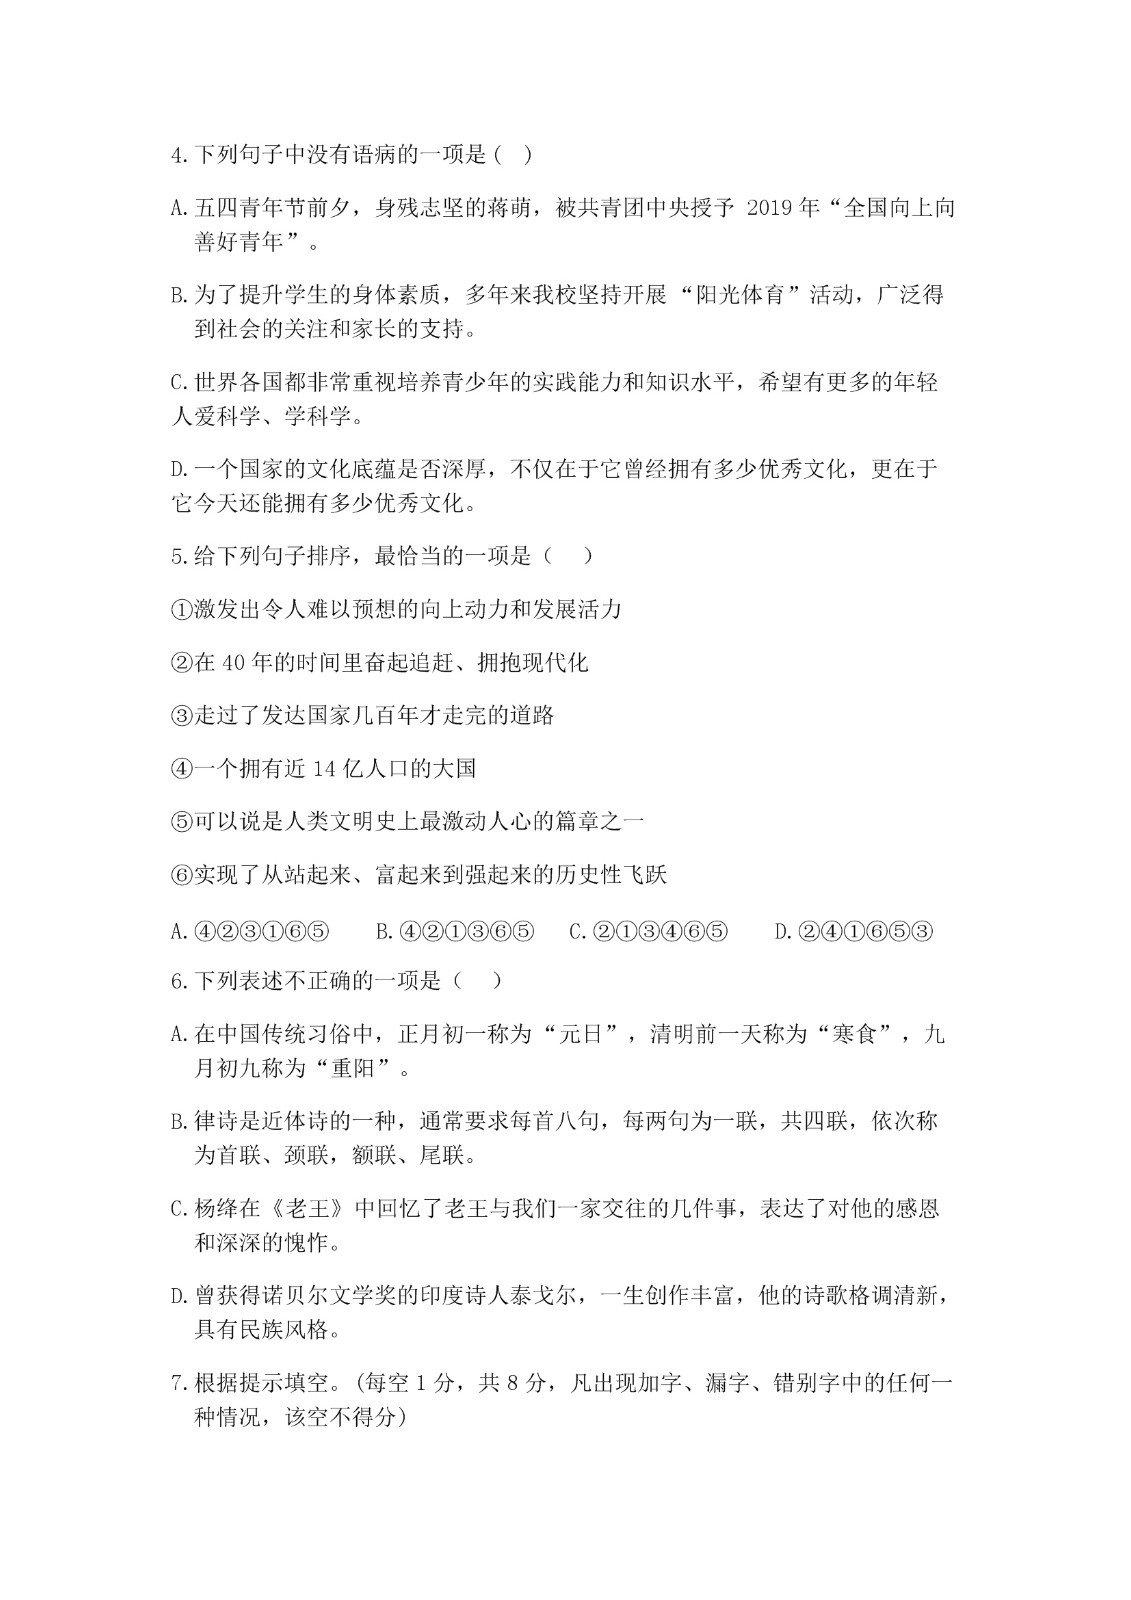 2019年云南中考《语文》真题及答案已公布